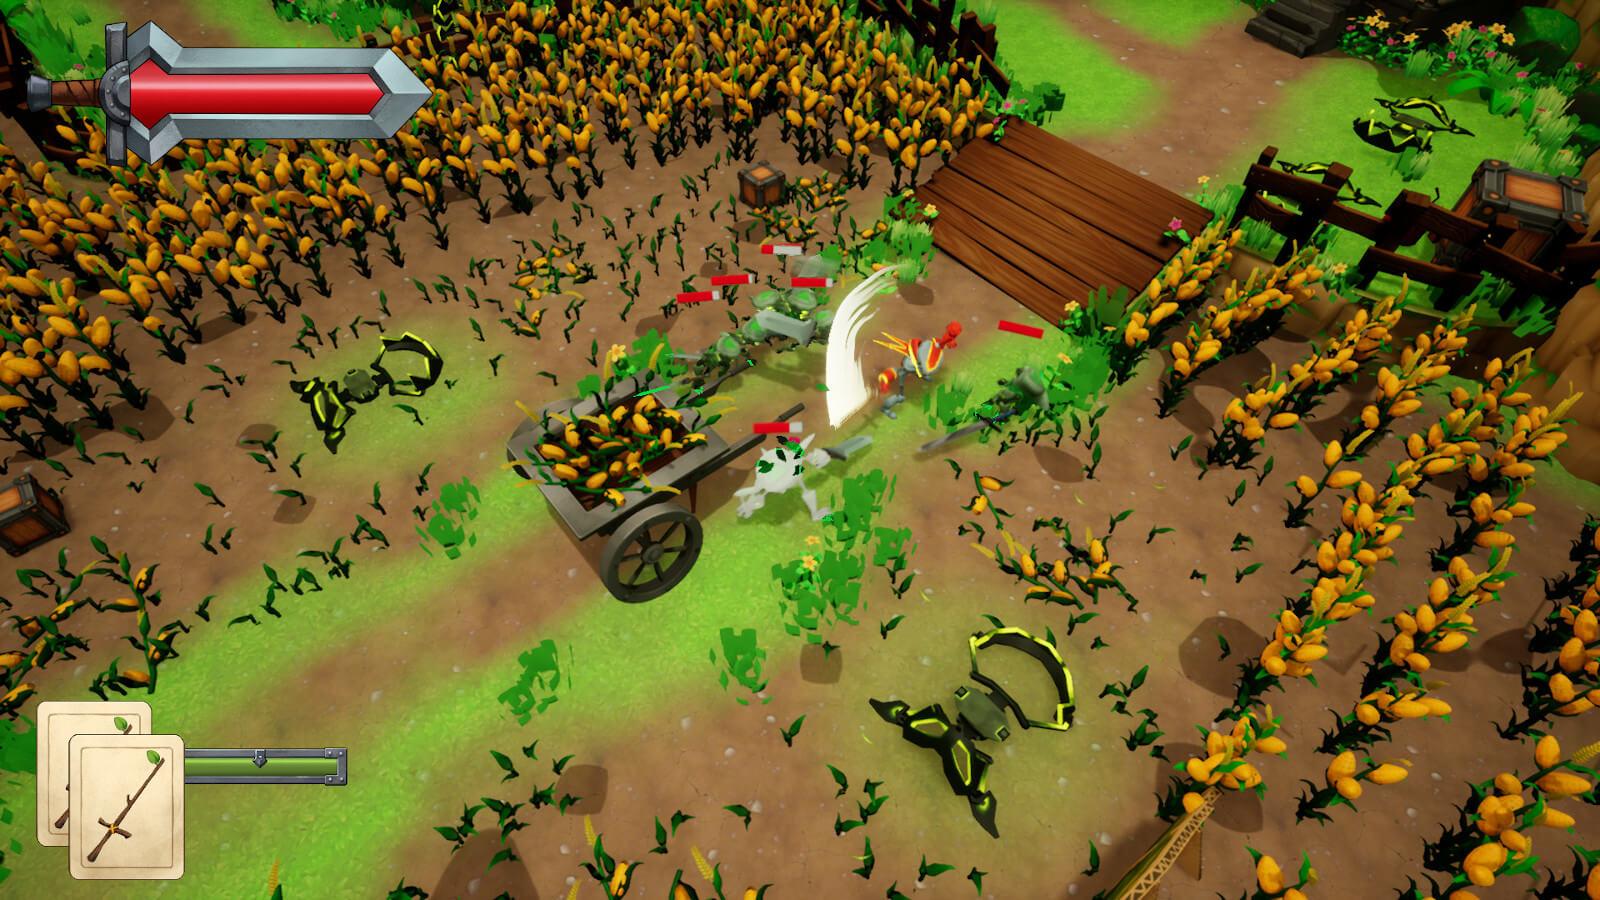 Robot knight battles goblins